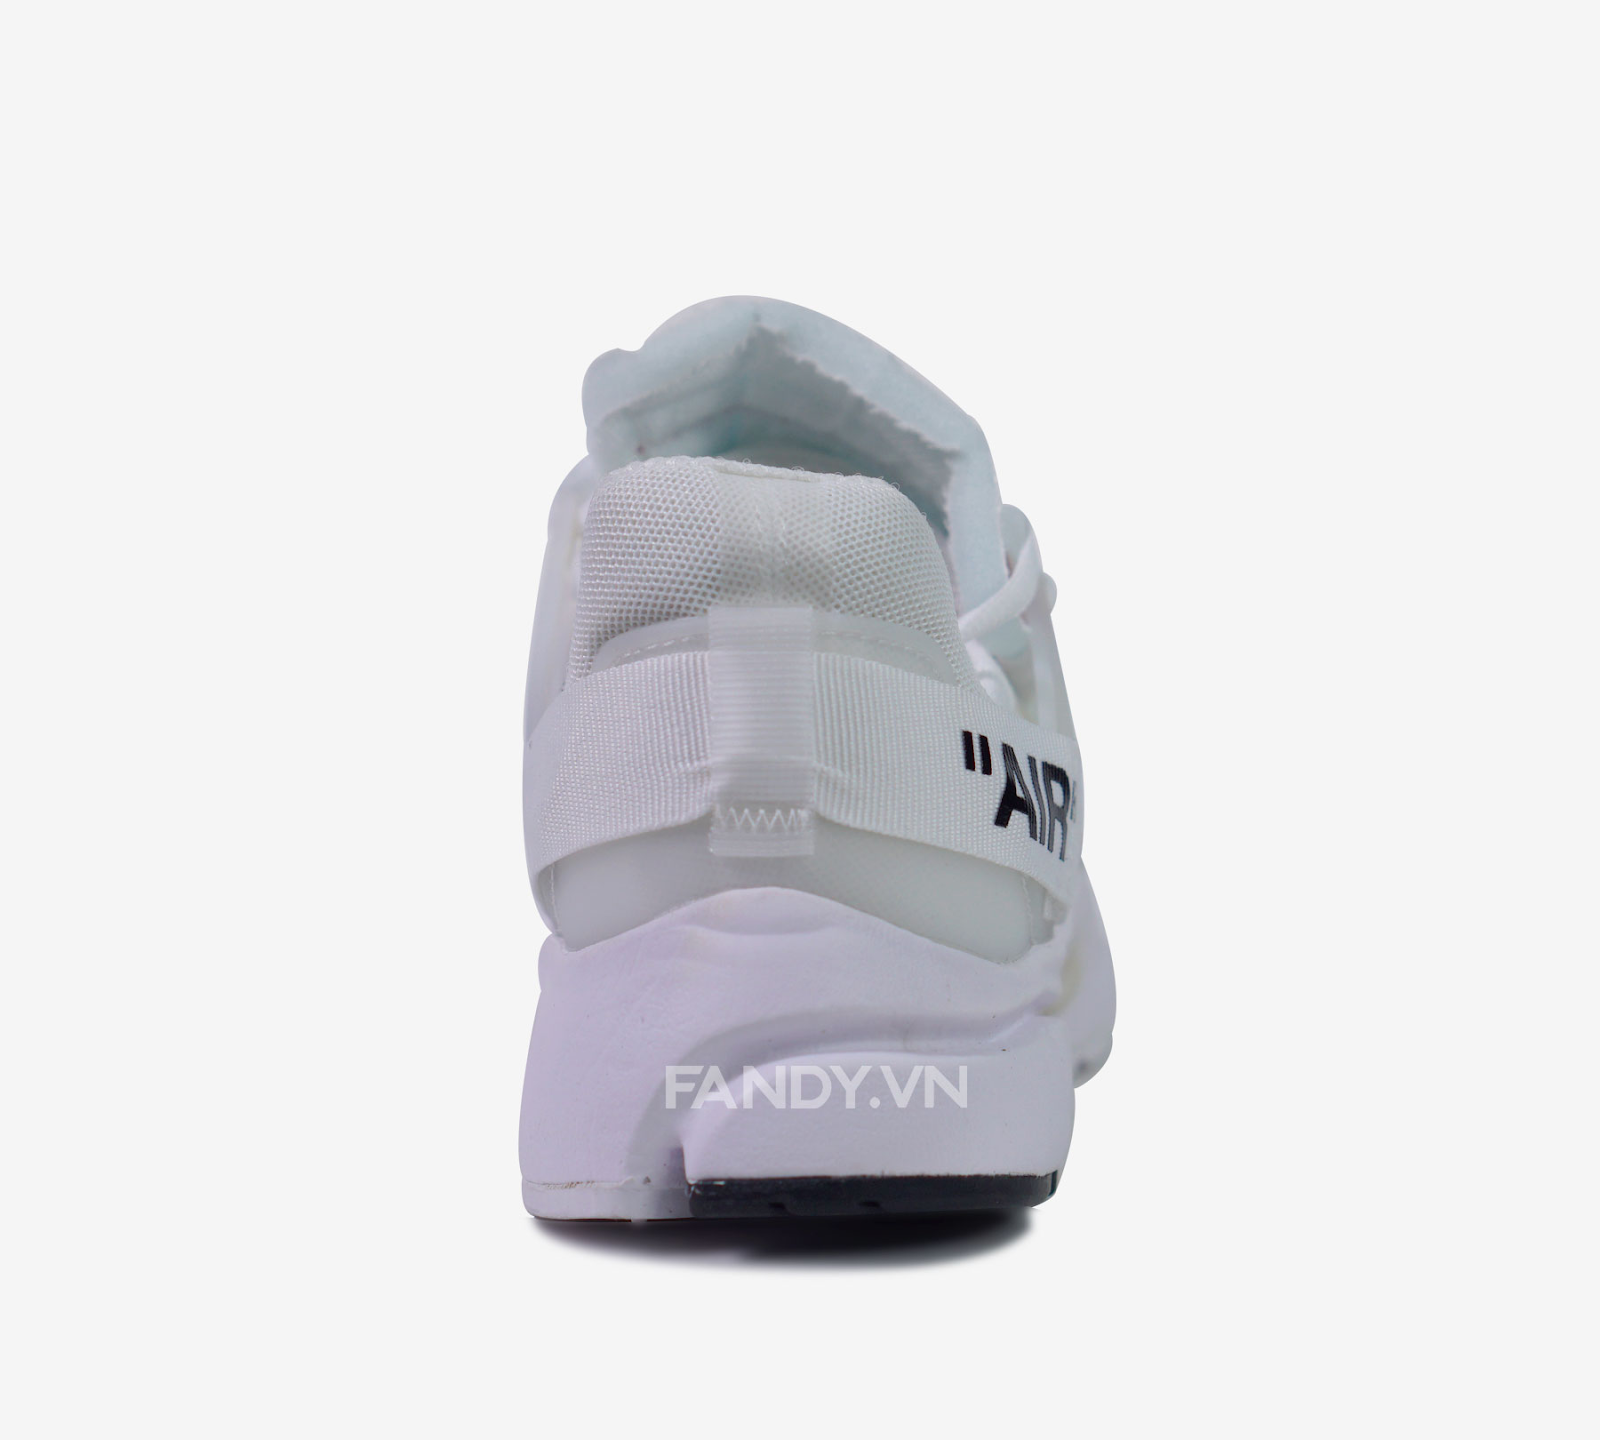 Phối màu mới của OFF-WHITE x Air Presto gần ra mắt